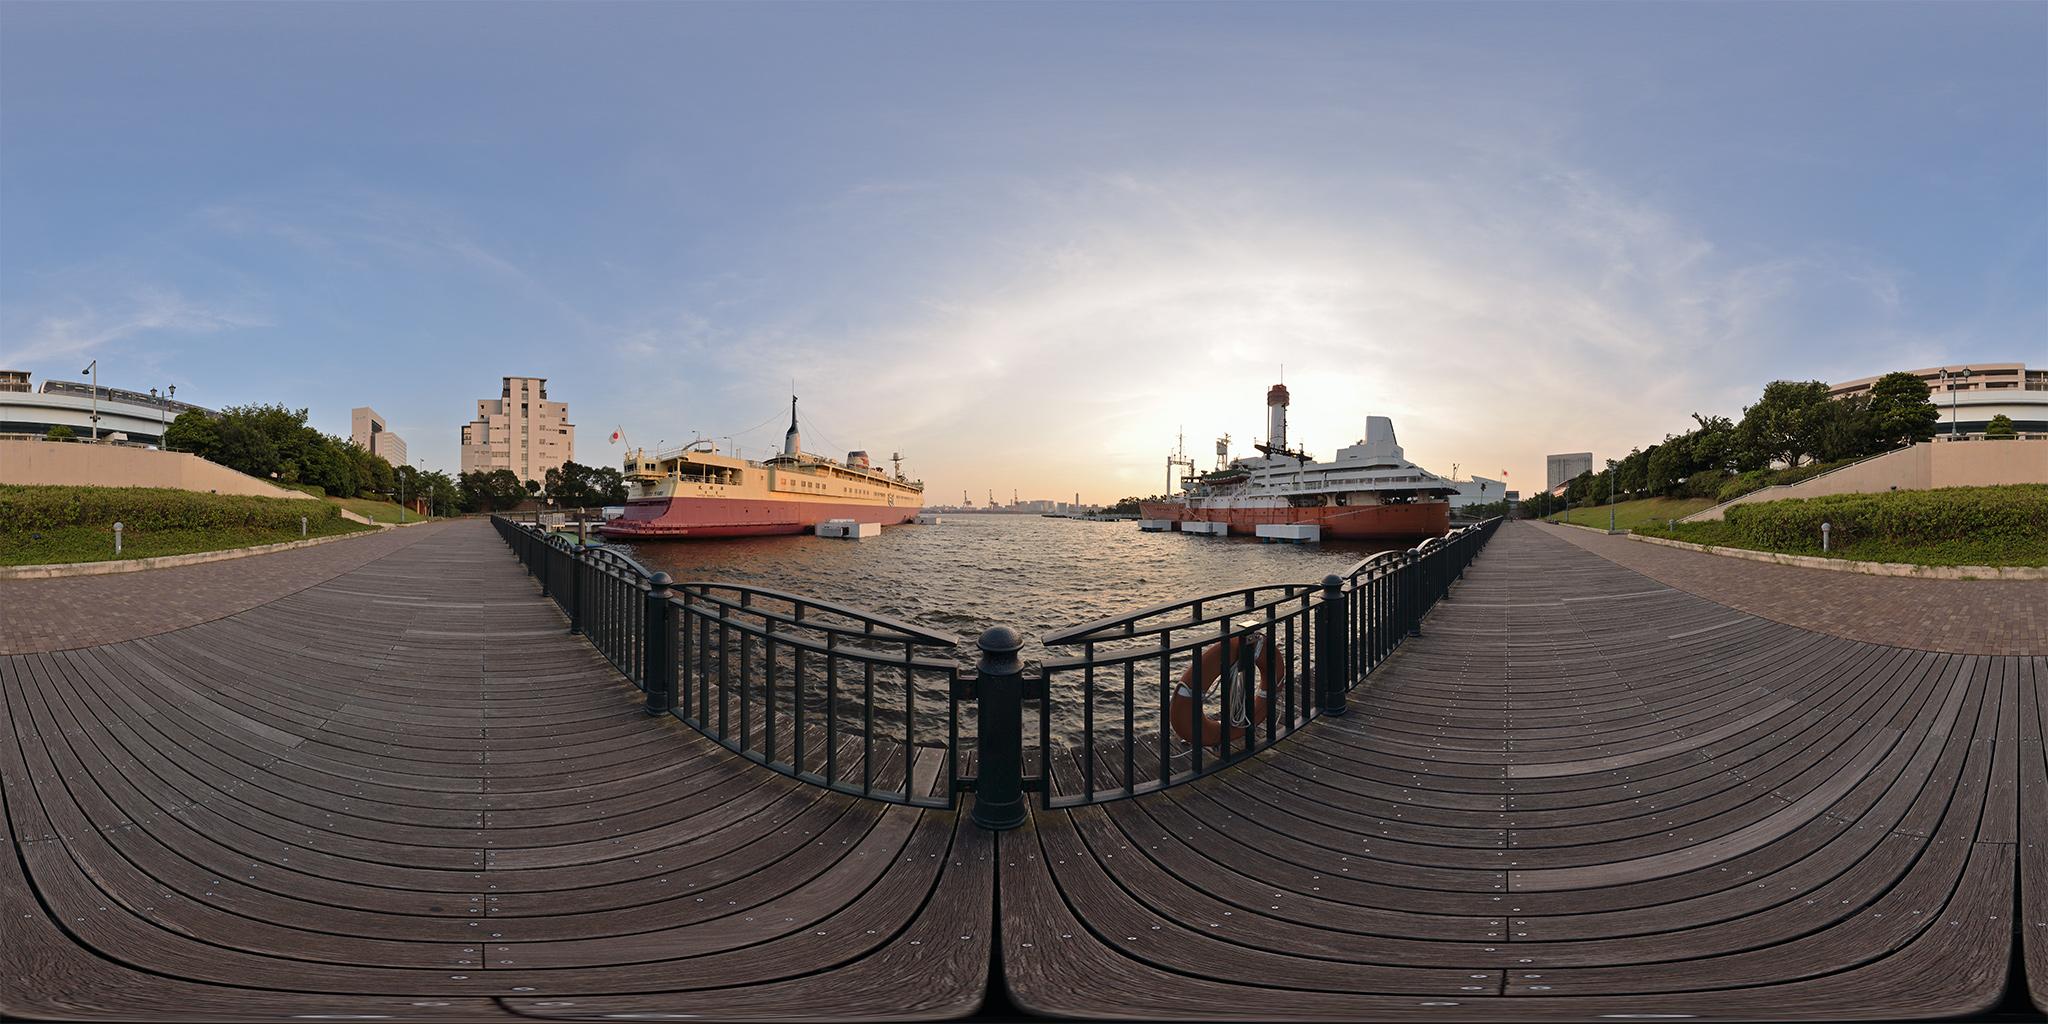 青函連絡船羊蹄丸と南極観測船宗谷